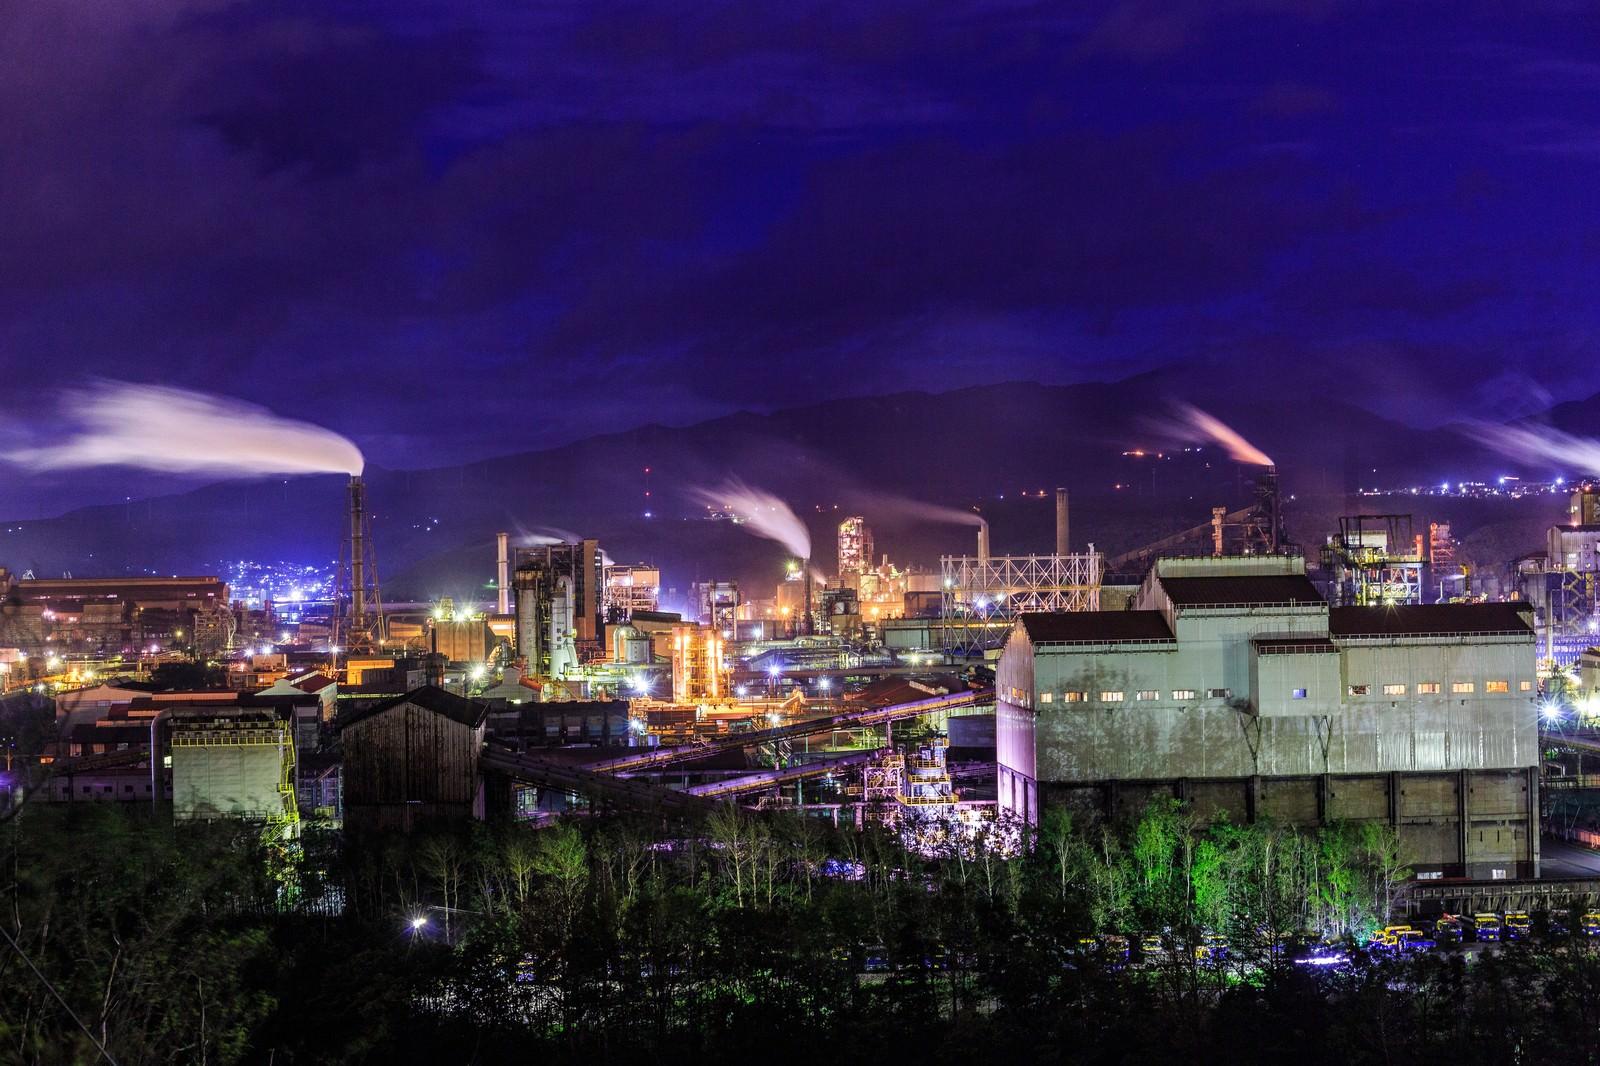 「煙たなびく工場夜景煙たなびく工場夜景」のフリー写真素材を拡大